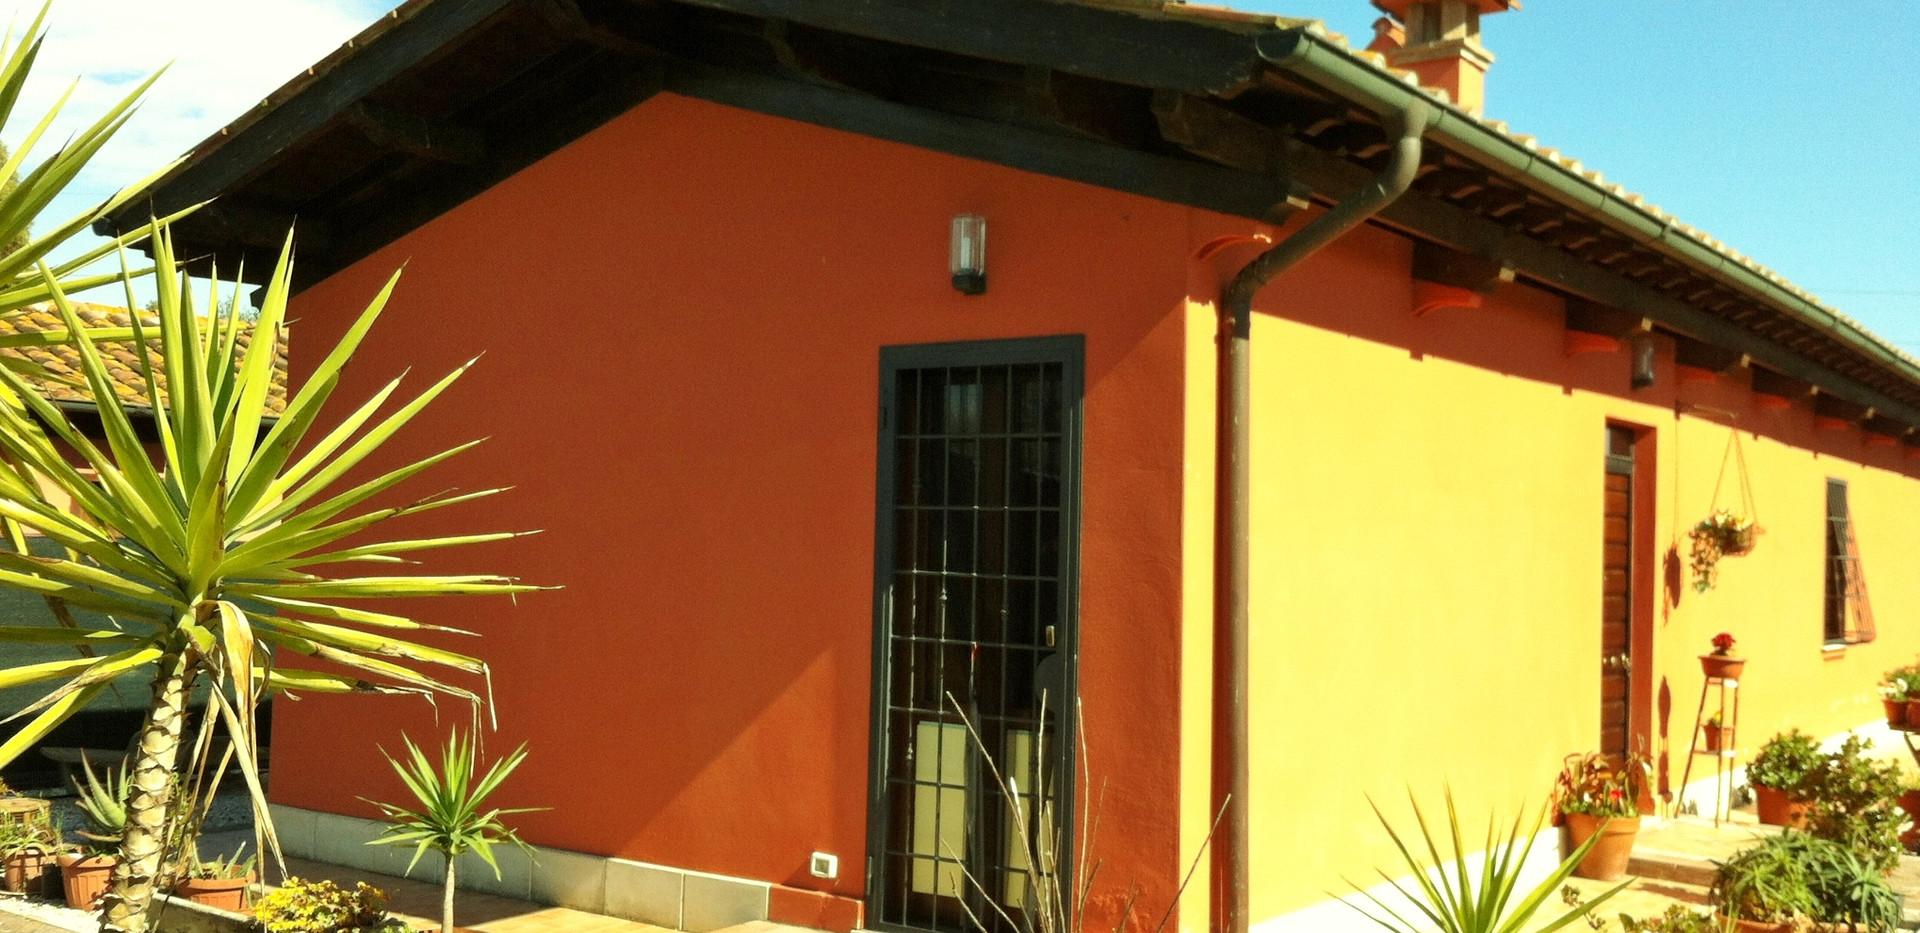 Casale Via Sabbadino Piana del Sole.jpg